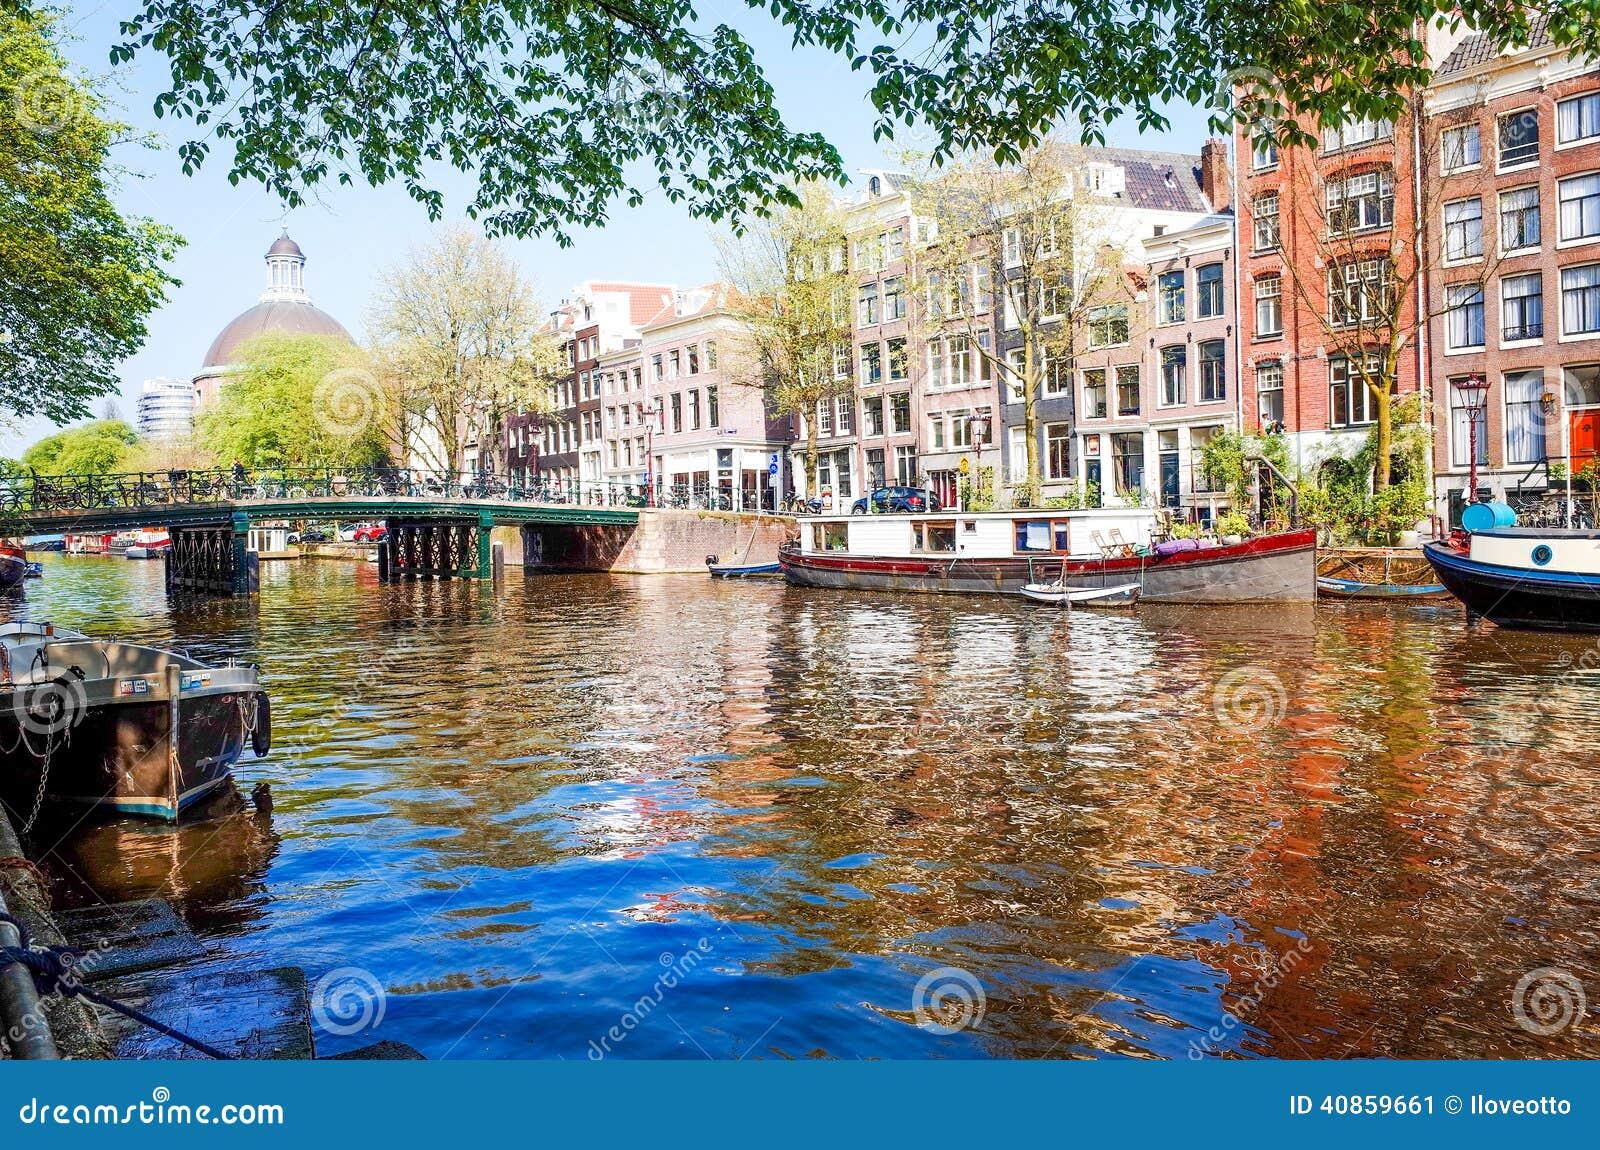 die niederlande amsterdam eine der sch nsten st dte in europa redaktionelles foto bild 40859661. Black Bedroom Furniture Sets. Home Design Ideas